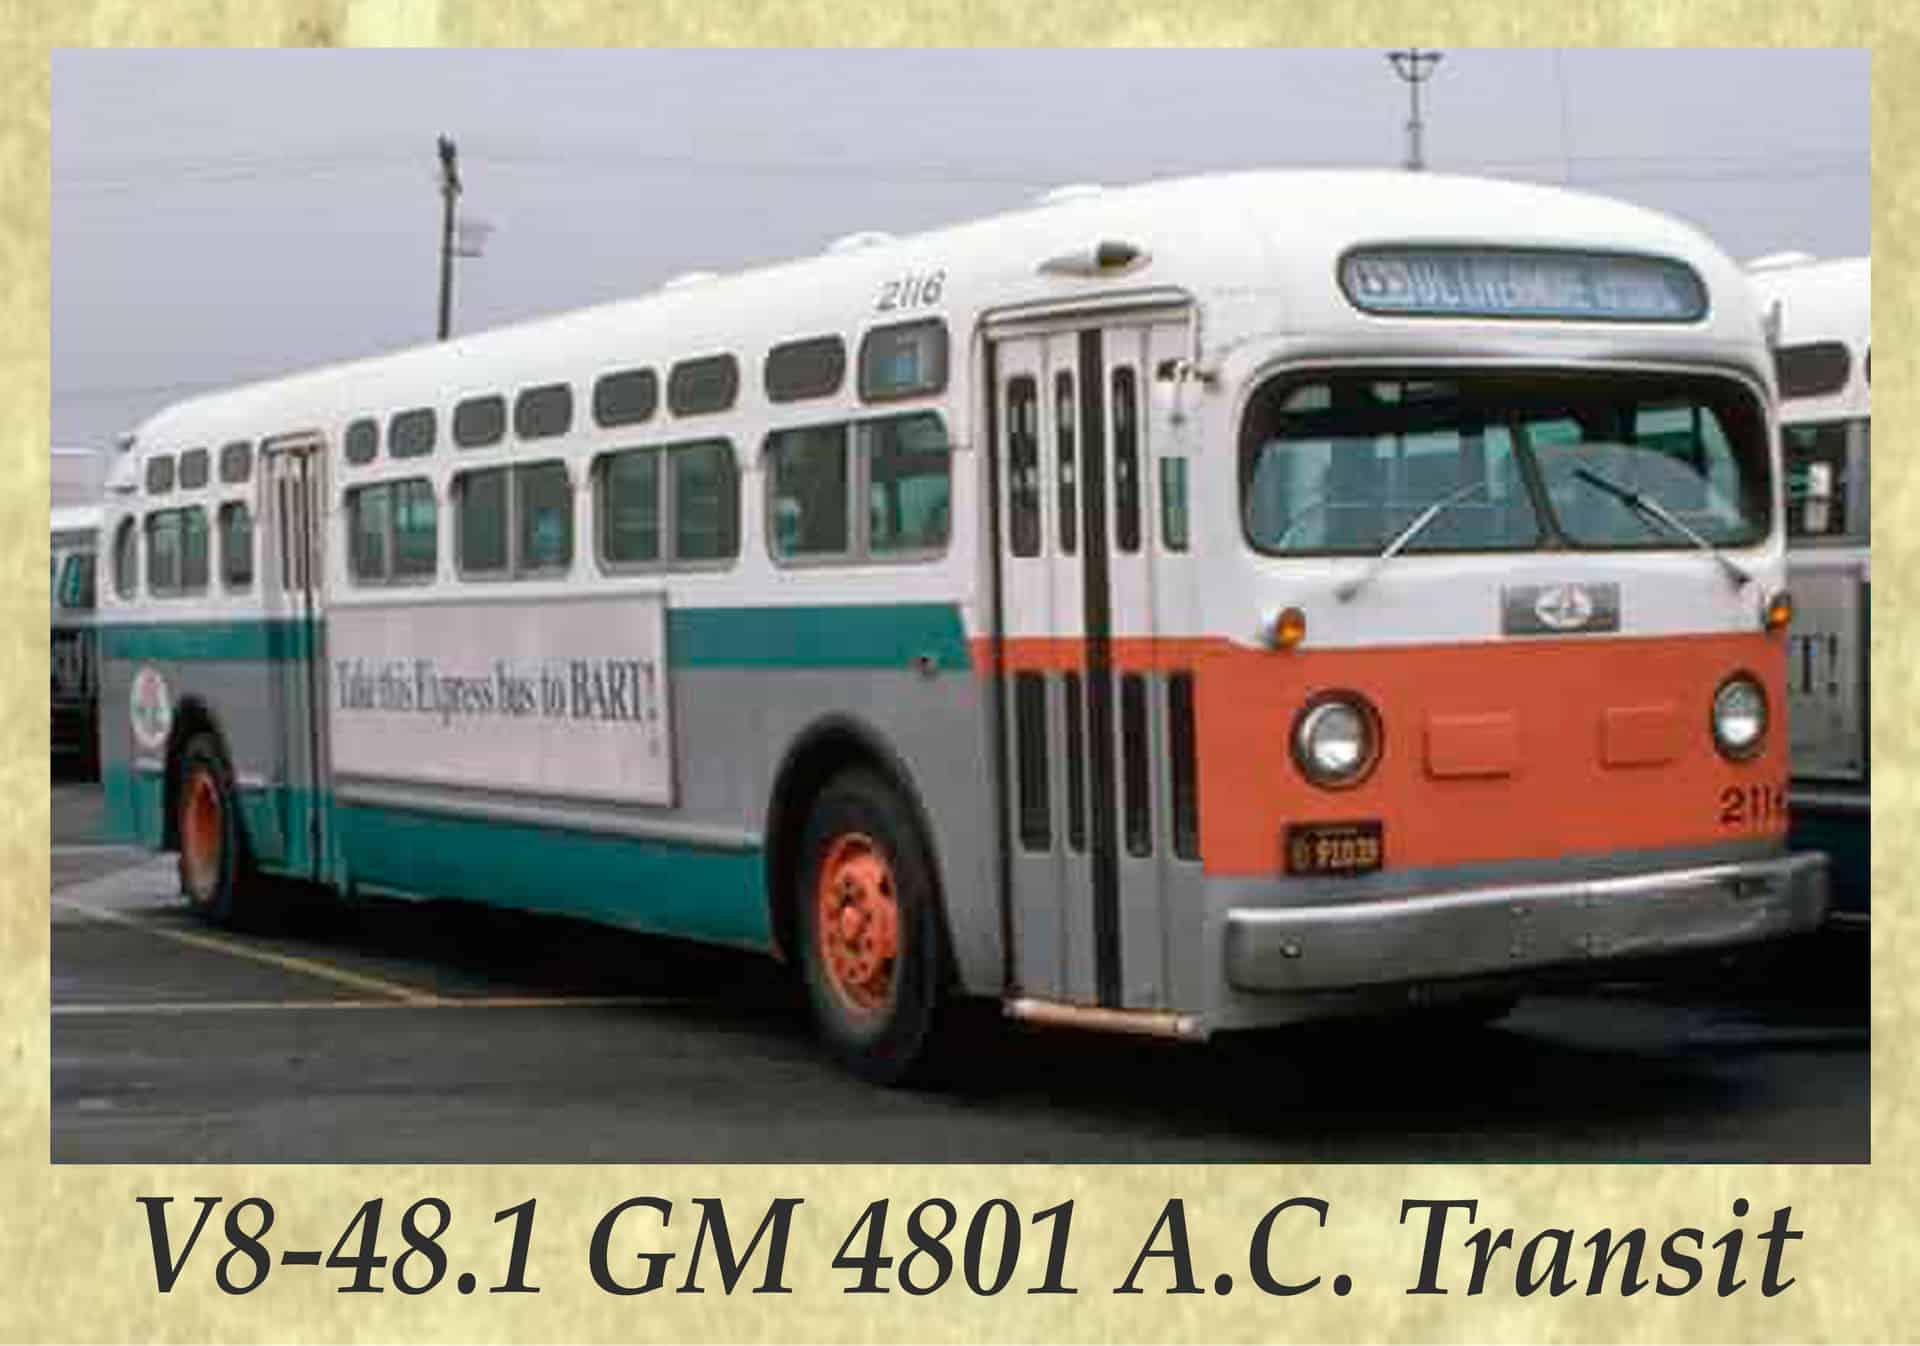 V8-48.1 GM 4801 A.C. Transit